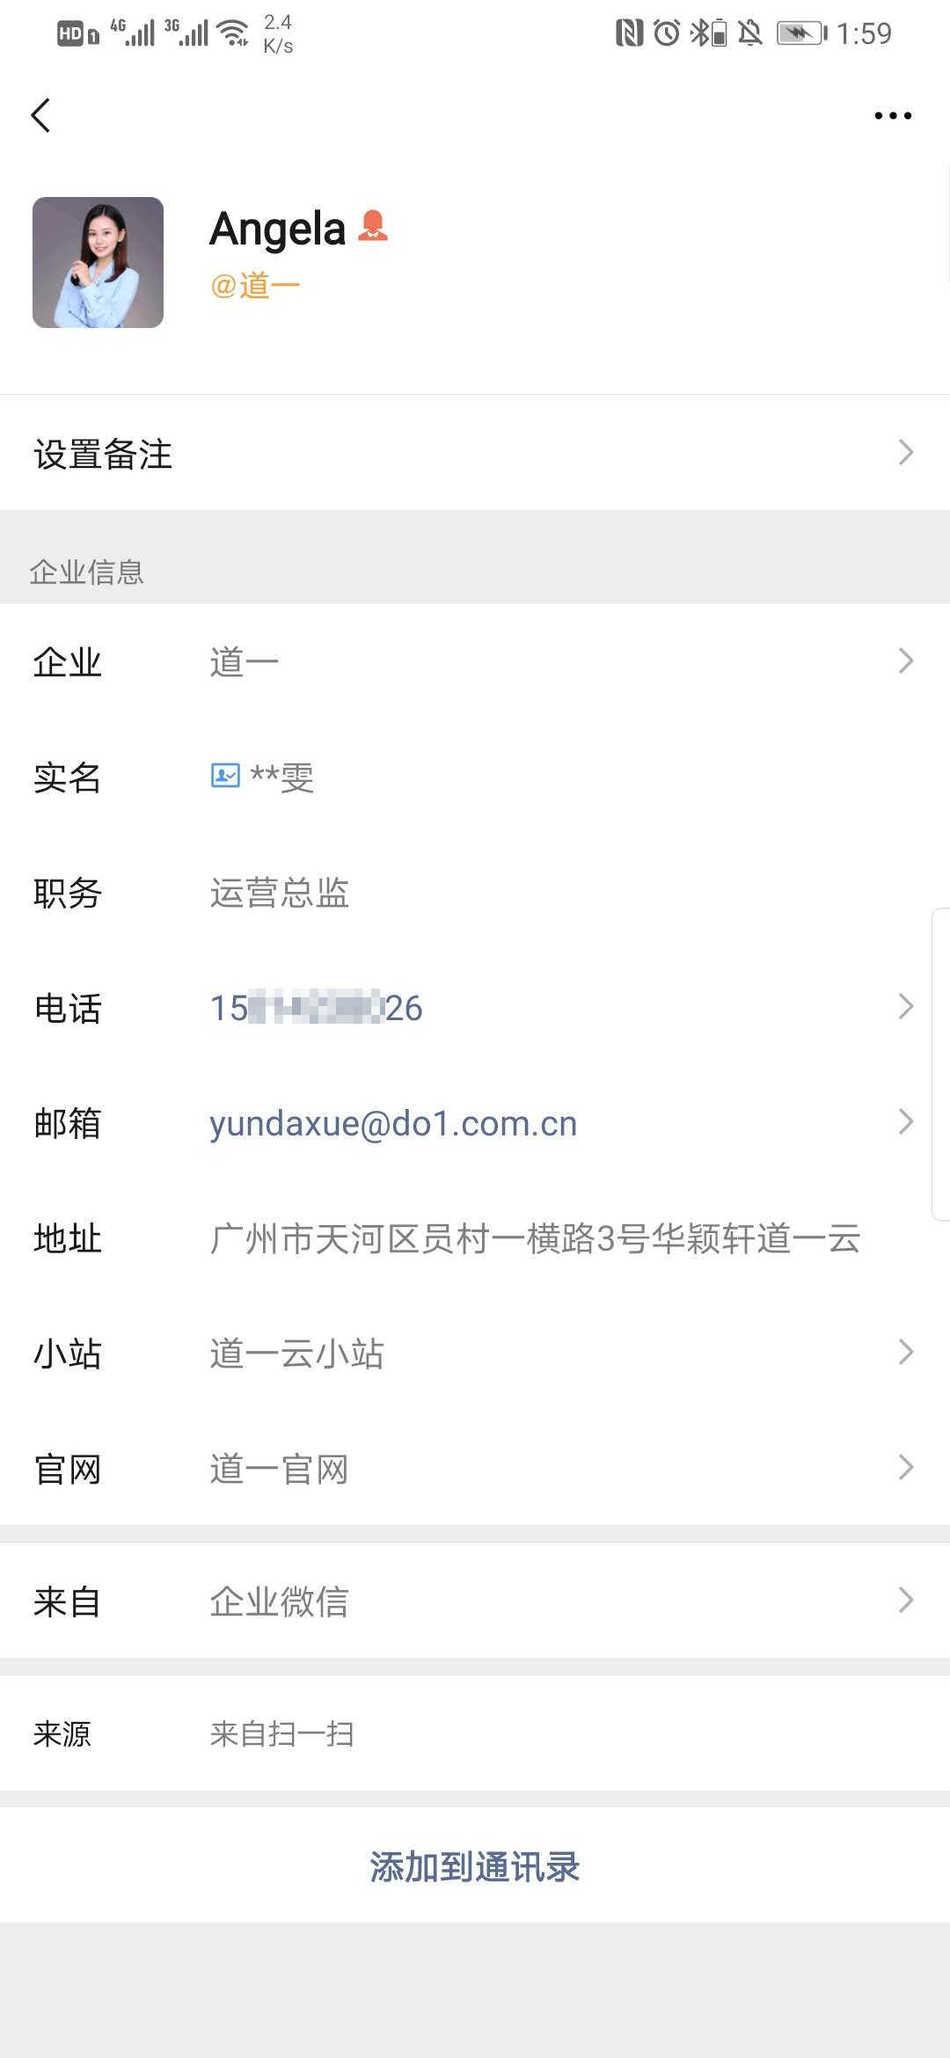 企业微信名片